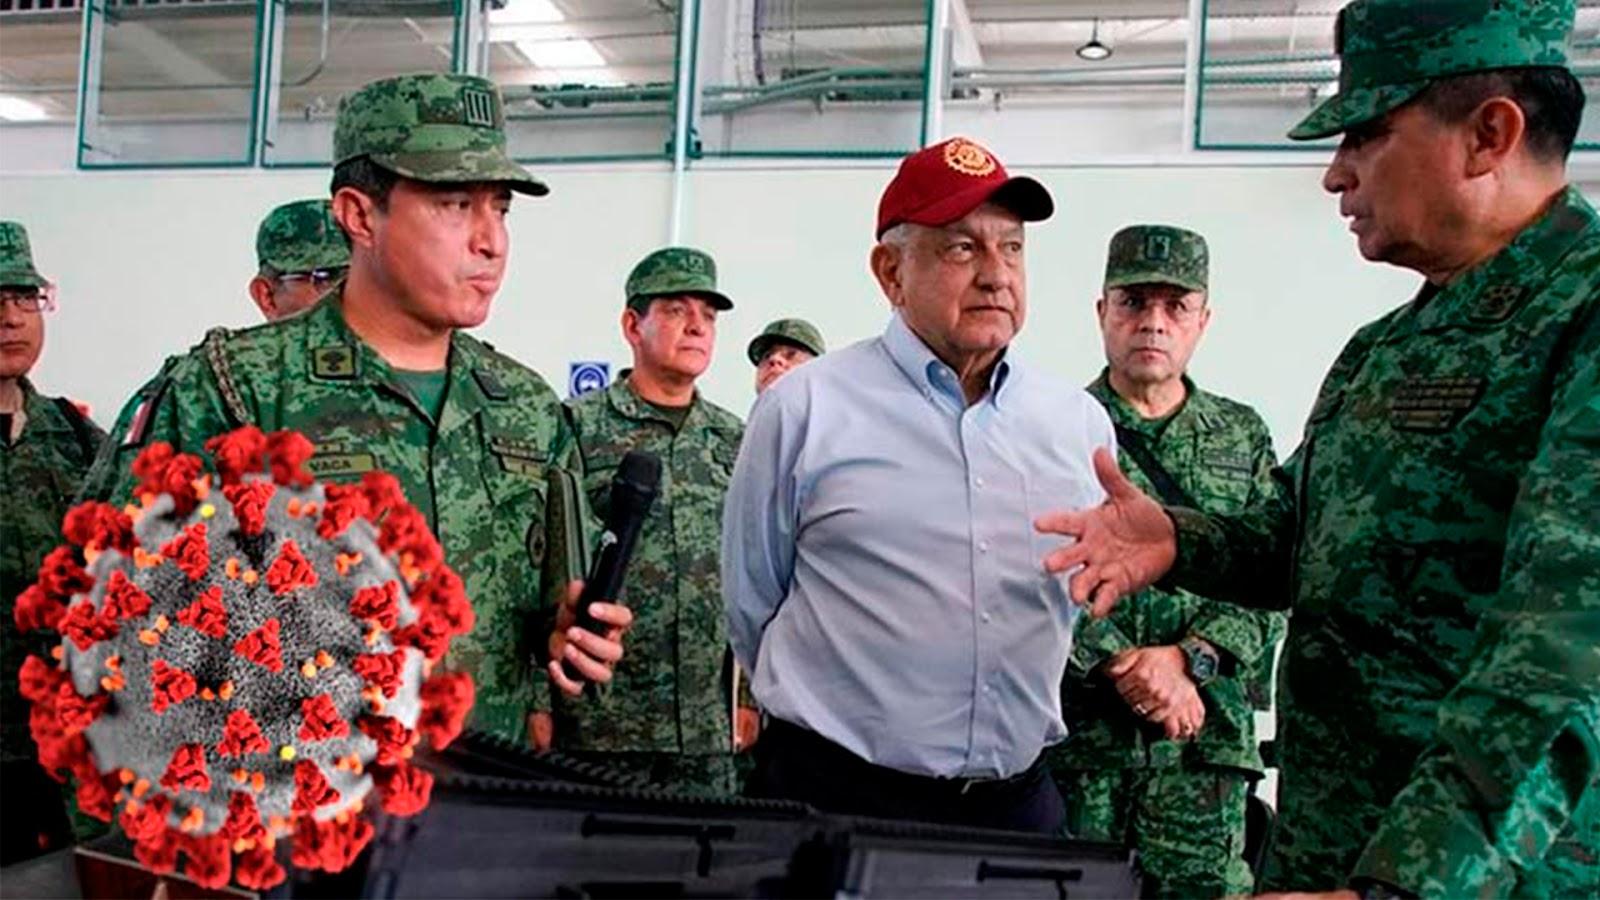 FASE 2: Por Coronavirus AMLO otorga al Ejército y la Marina el control de 10 nuevos hospitales